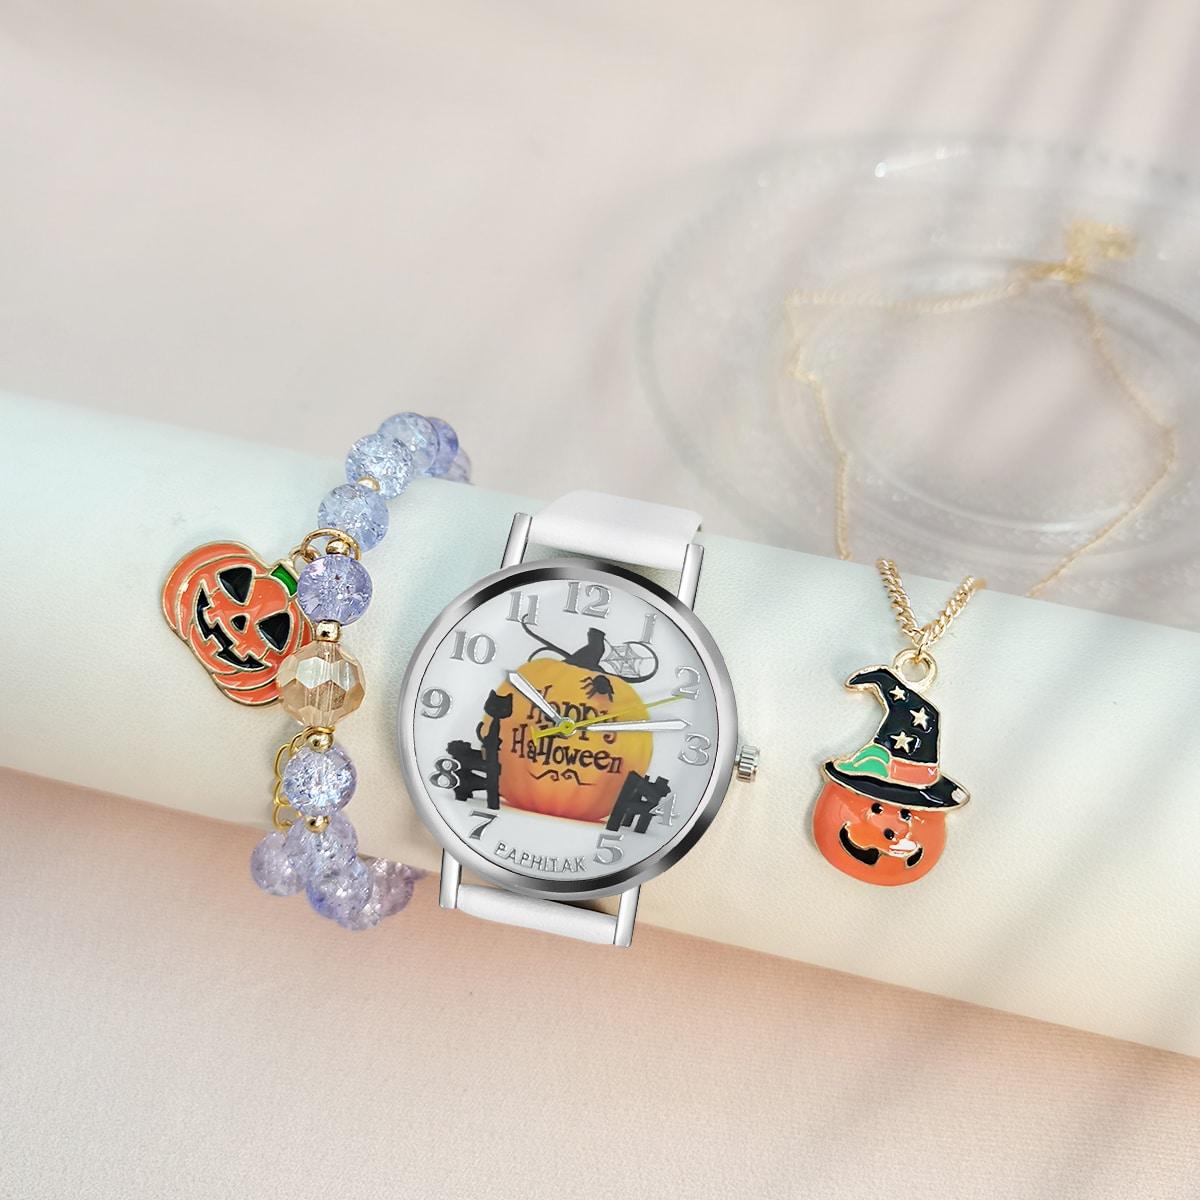 1шт Детские кварцевые часы с принтом тыквы на хэллоуин с принтом тыквы & 2шт браслет